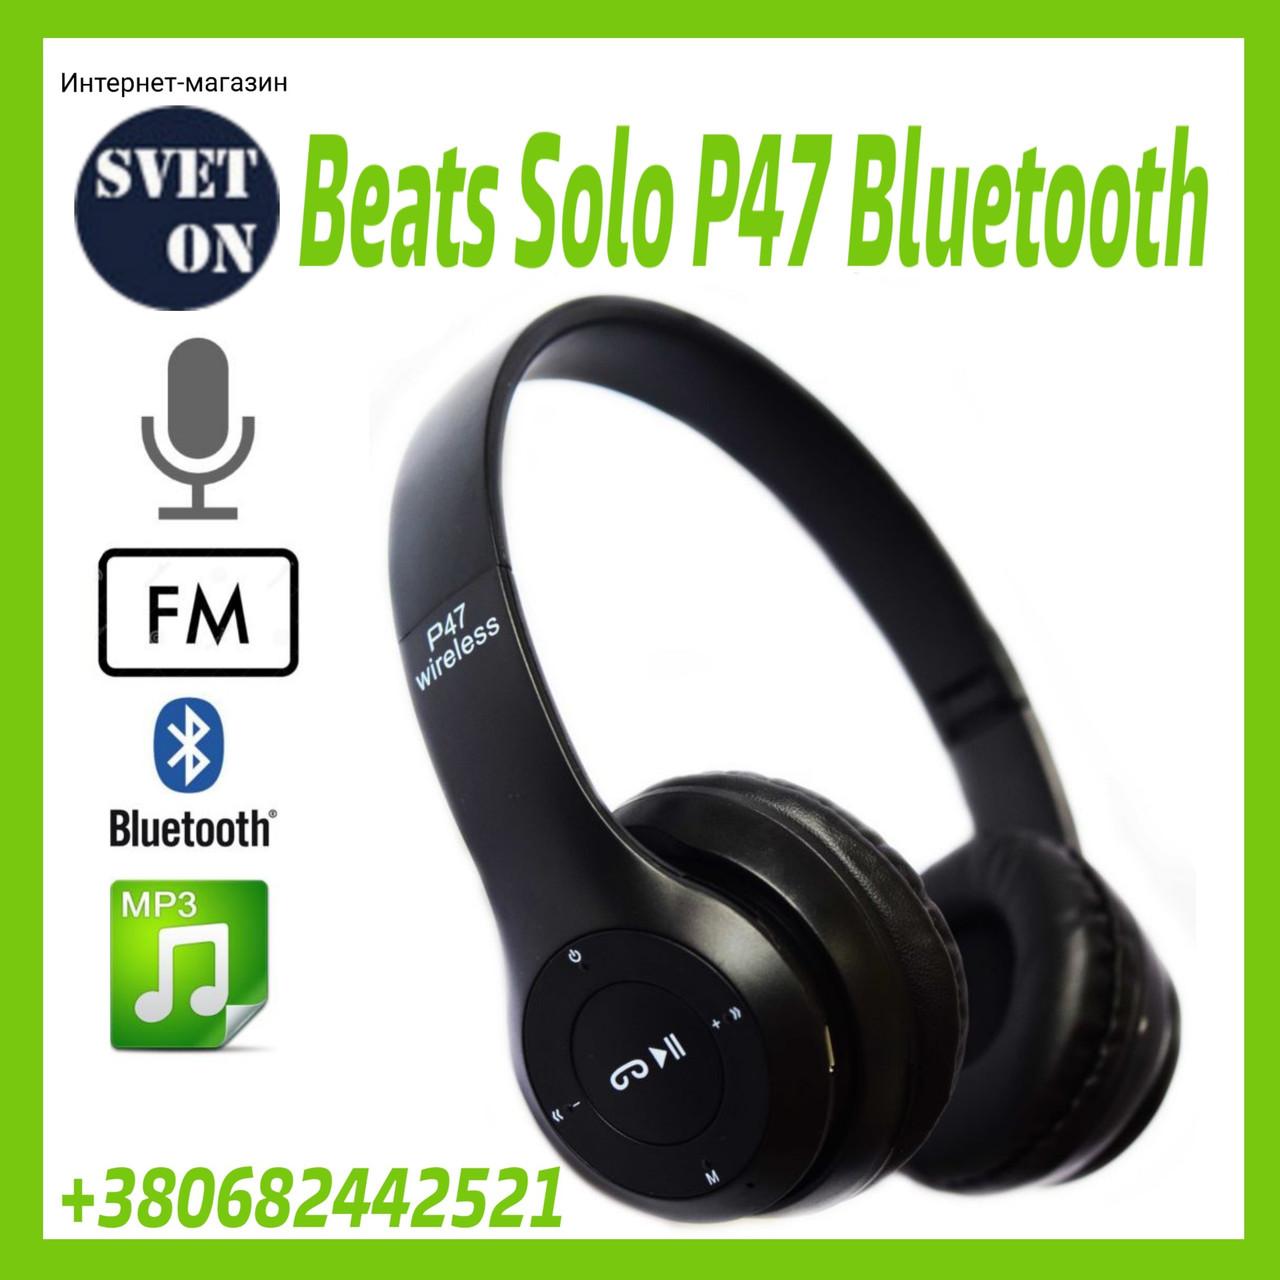 Накладные беспроводные наушники P47 4.1+EDR Wireless headphones bluetooth ЧЁРНО-КРАСНЫЕ (копия beats solo 2)